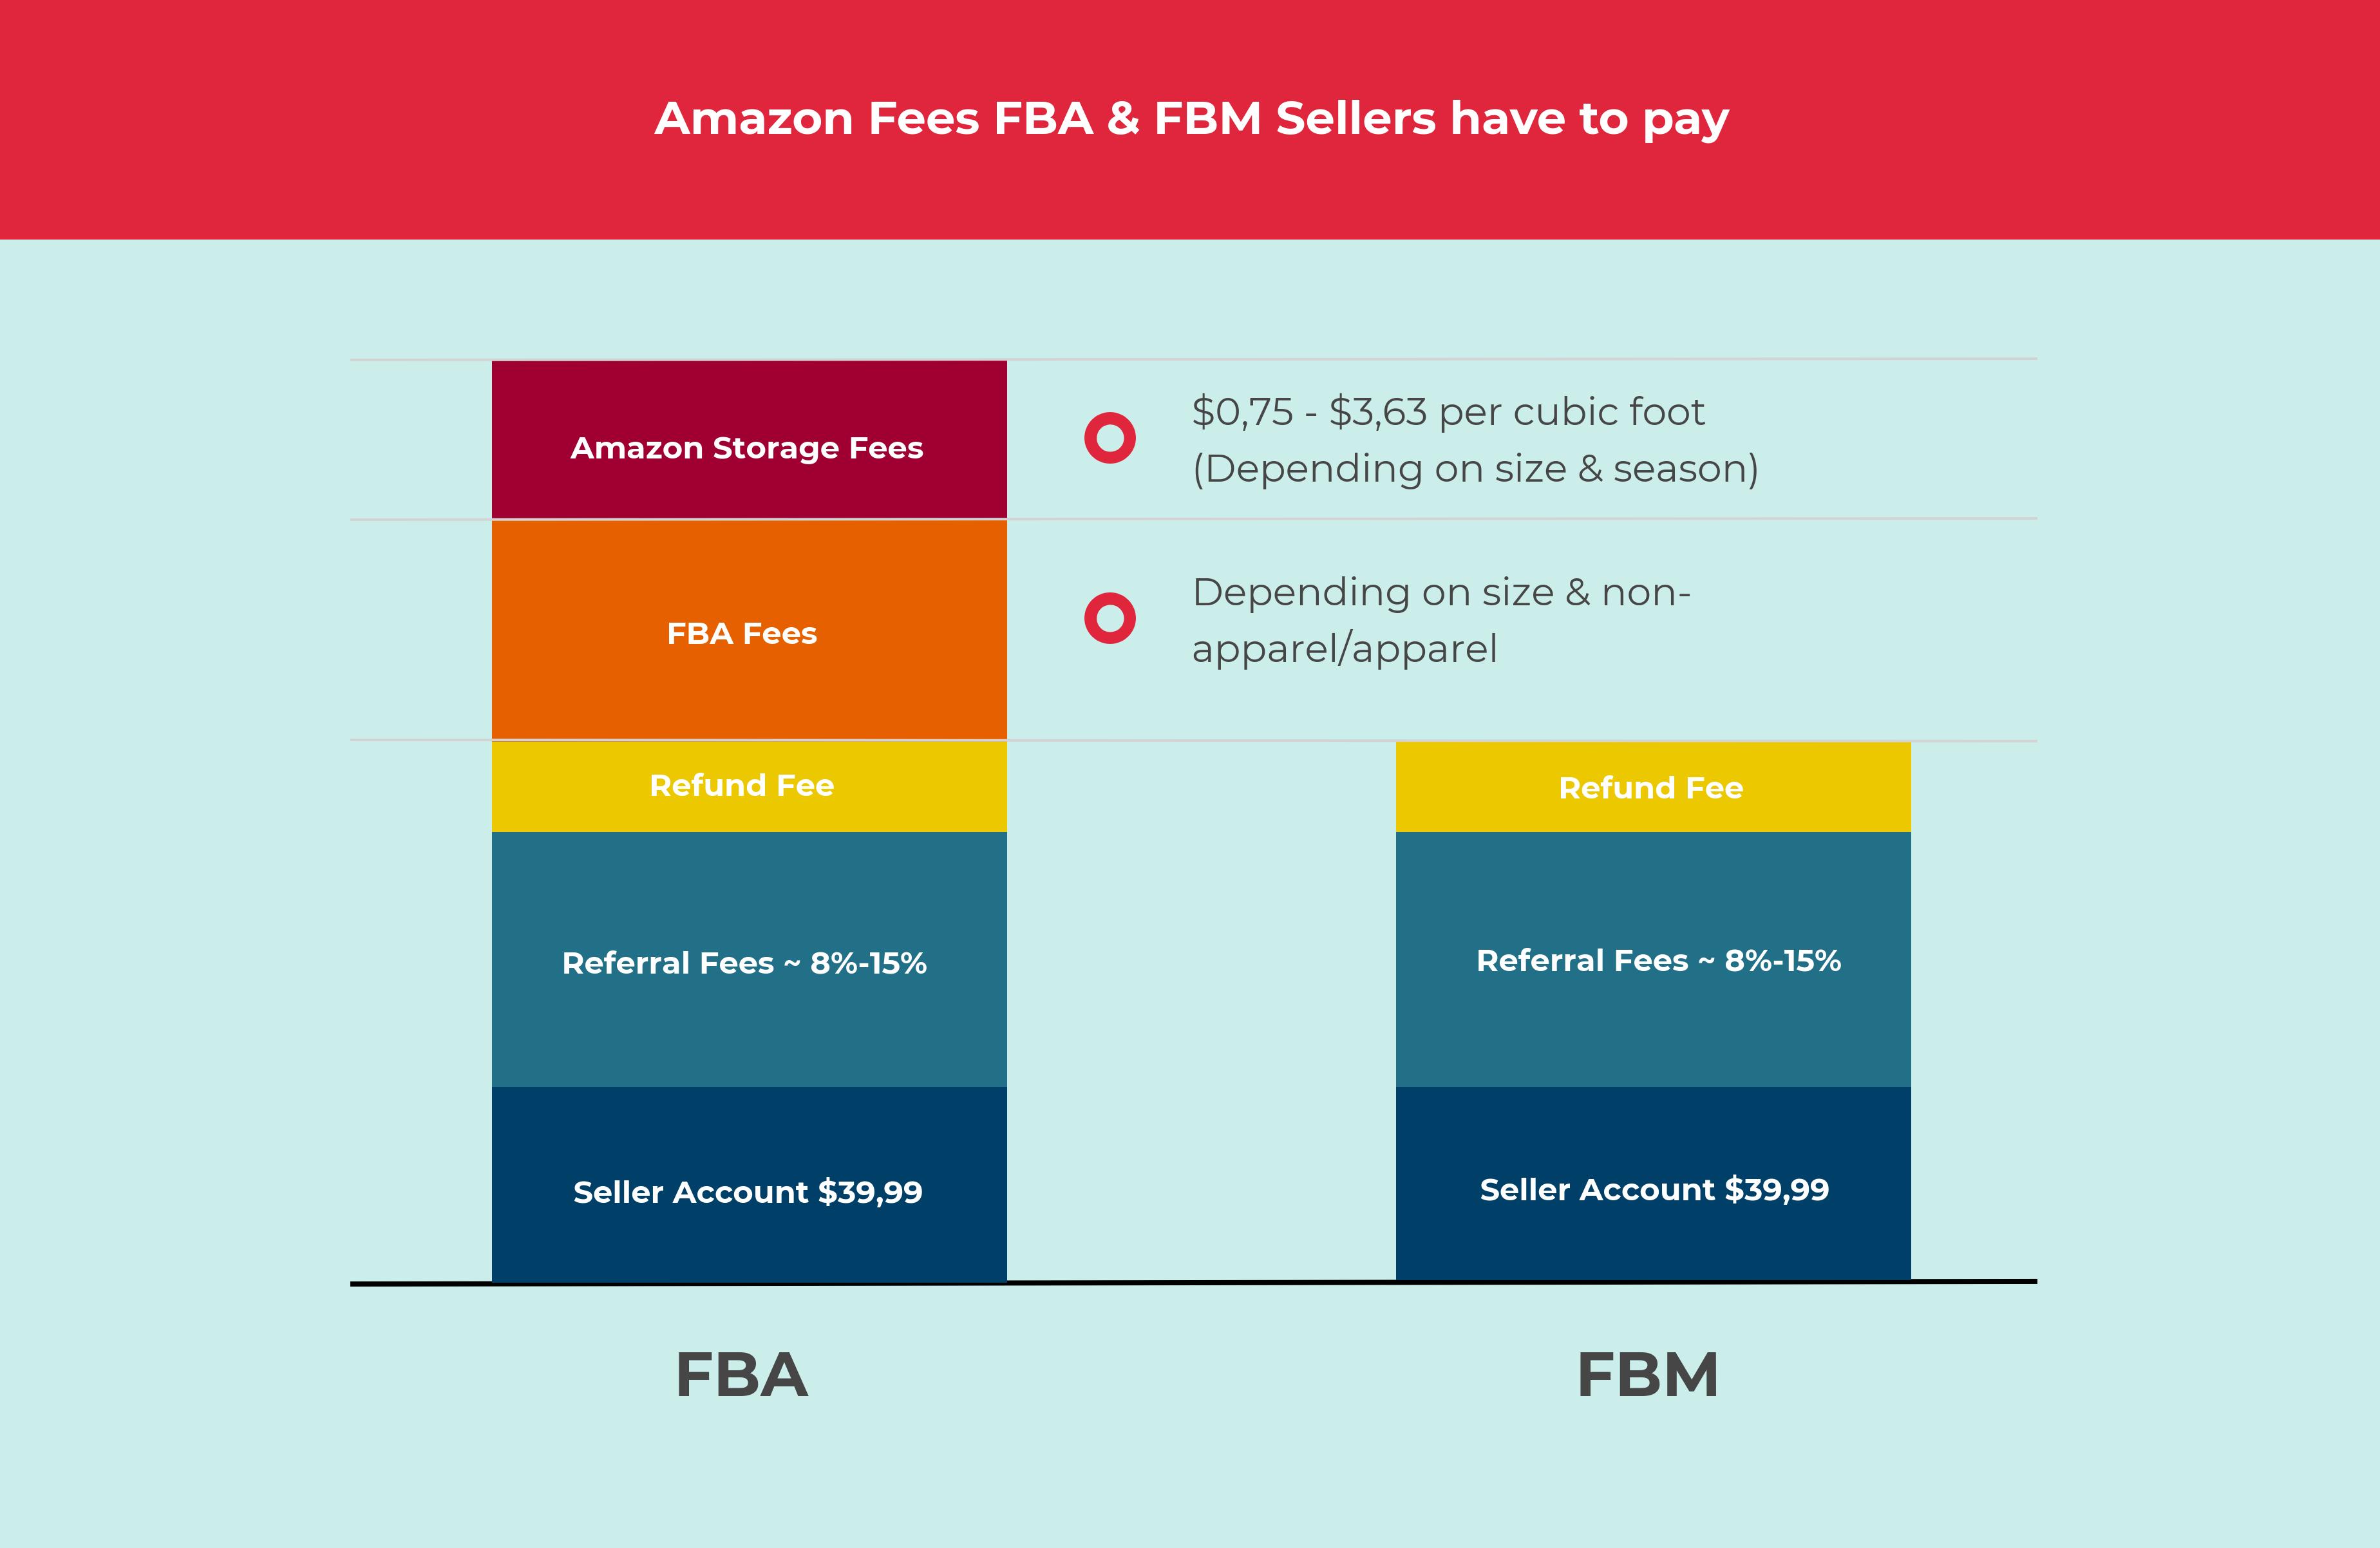 Amazon FBA & FBM Fees